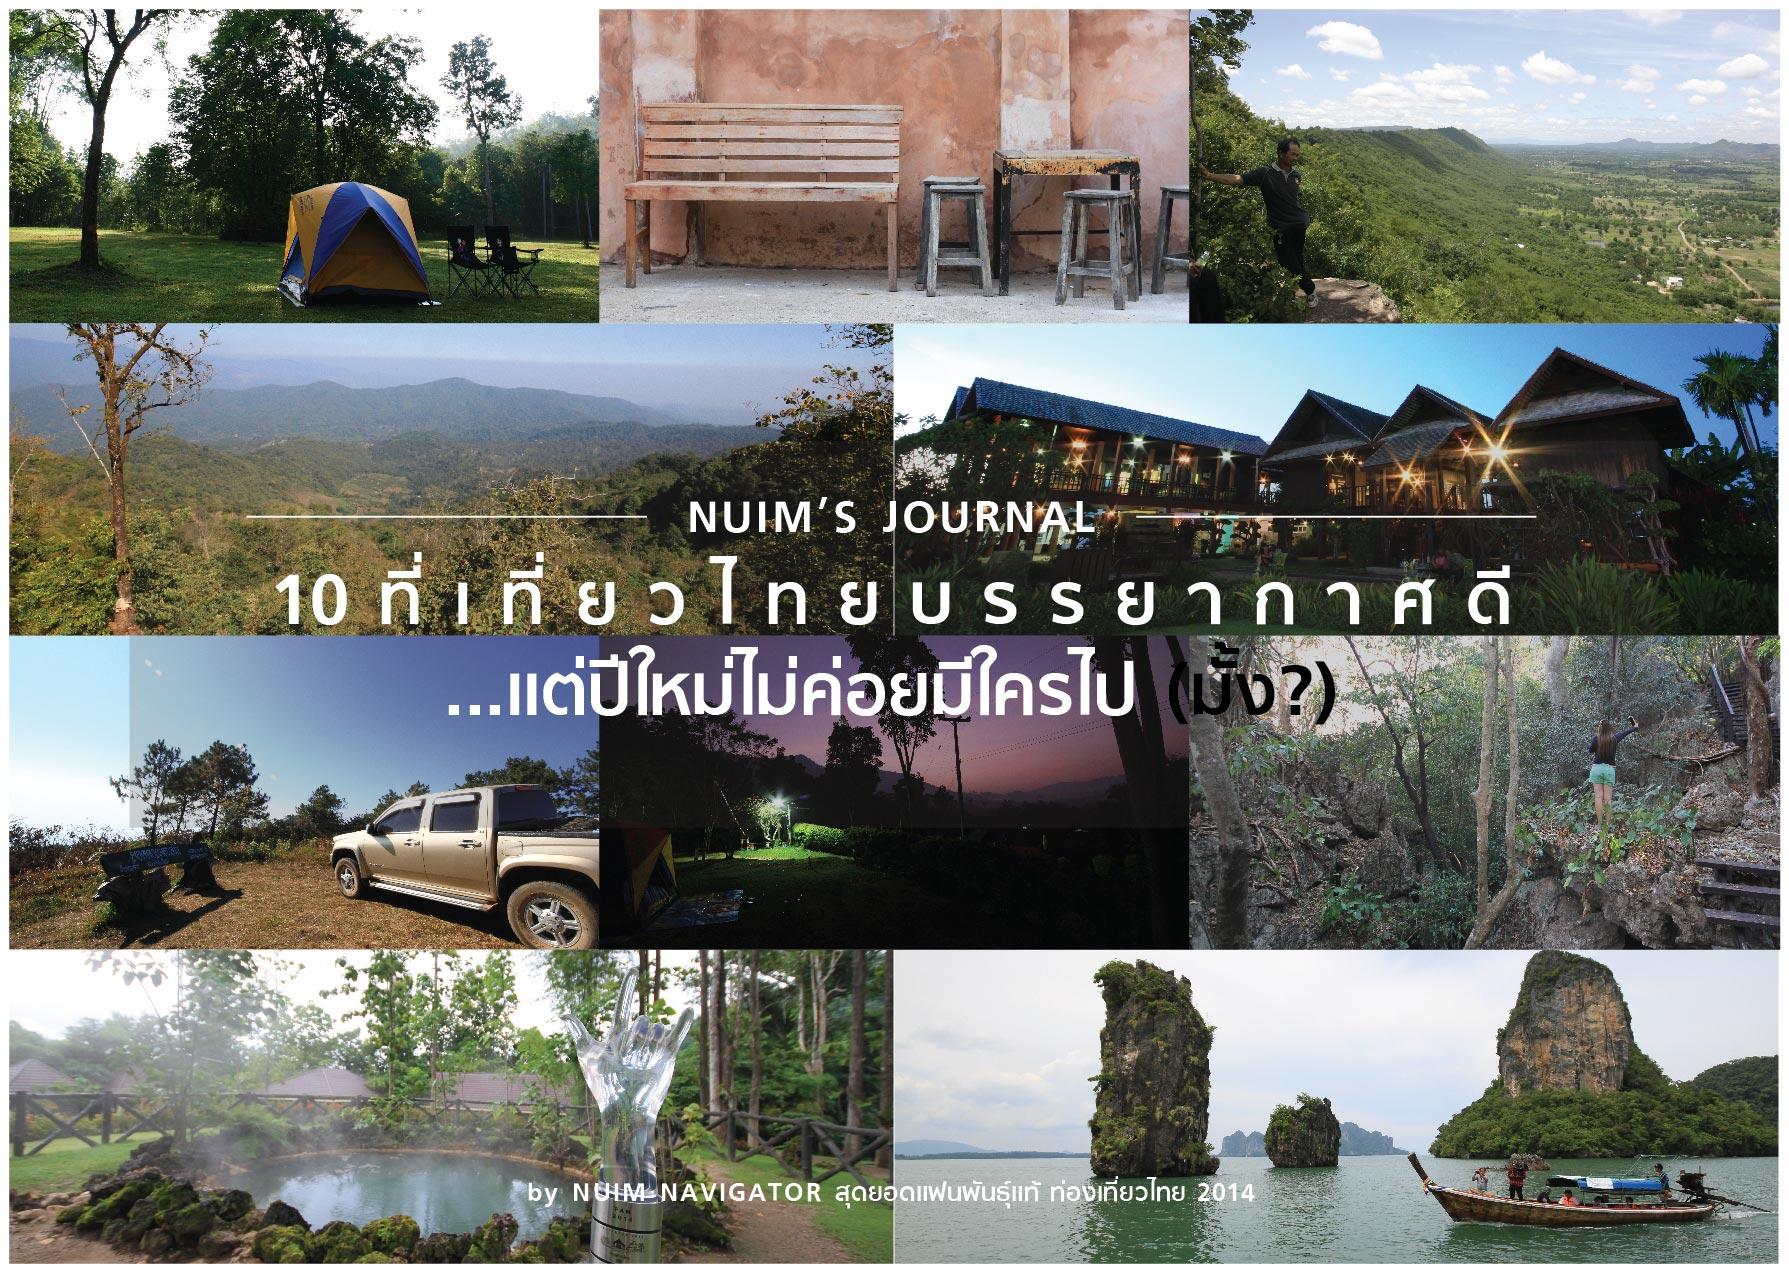 [CR]10 ที่เที่ยวไทยบรรยากาศดี...แต่ปีใหม่ไม่ค่อยมีใครไป (มั้ง?) BY หนุ่ม  สุดยอดแฟนพันธุ์แท้ ท่องเที่ยวไทย 2014